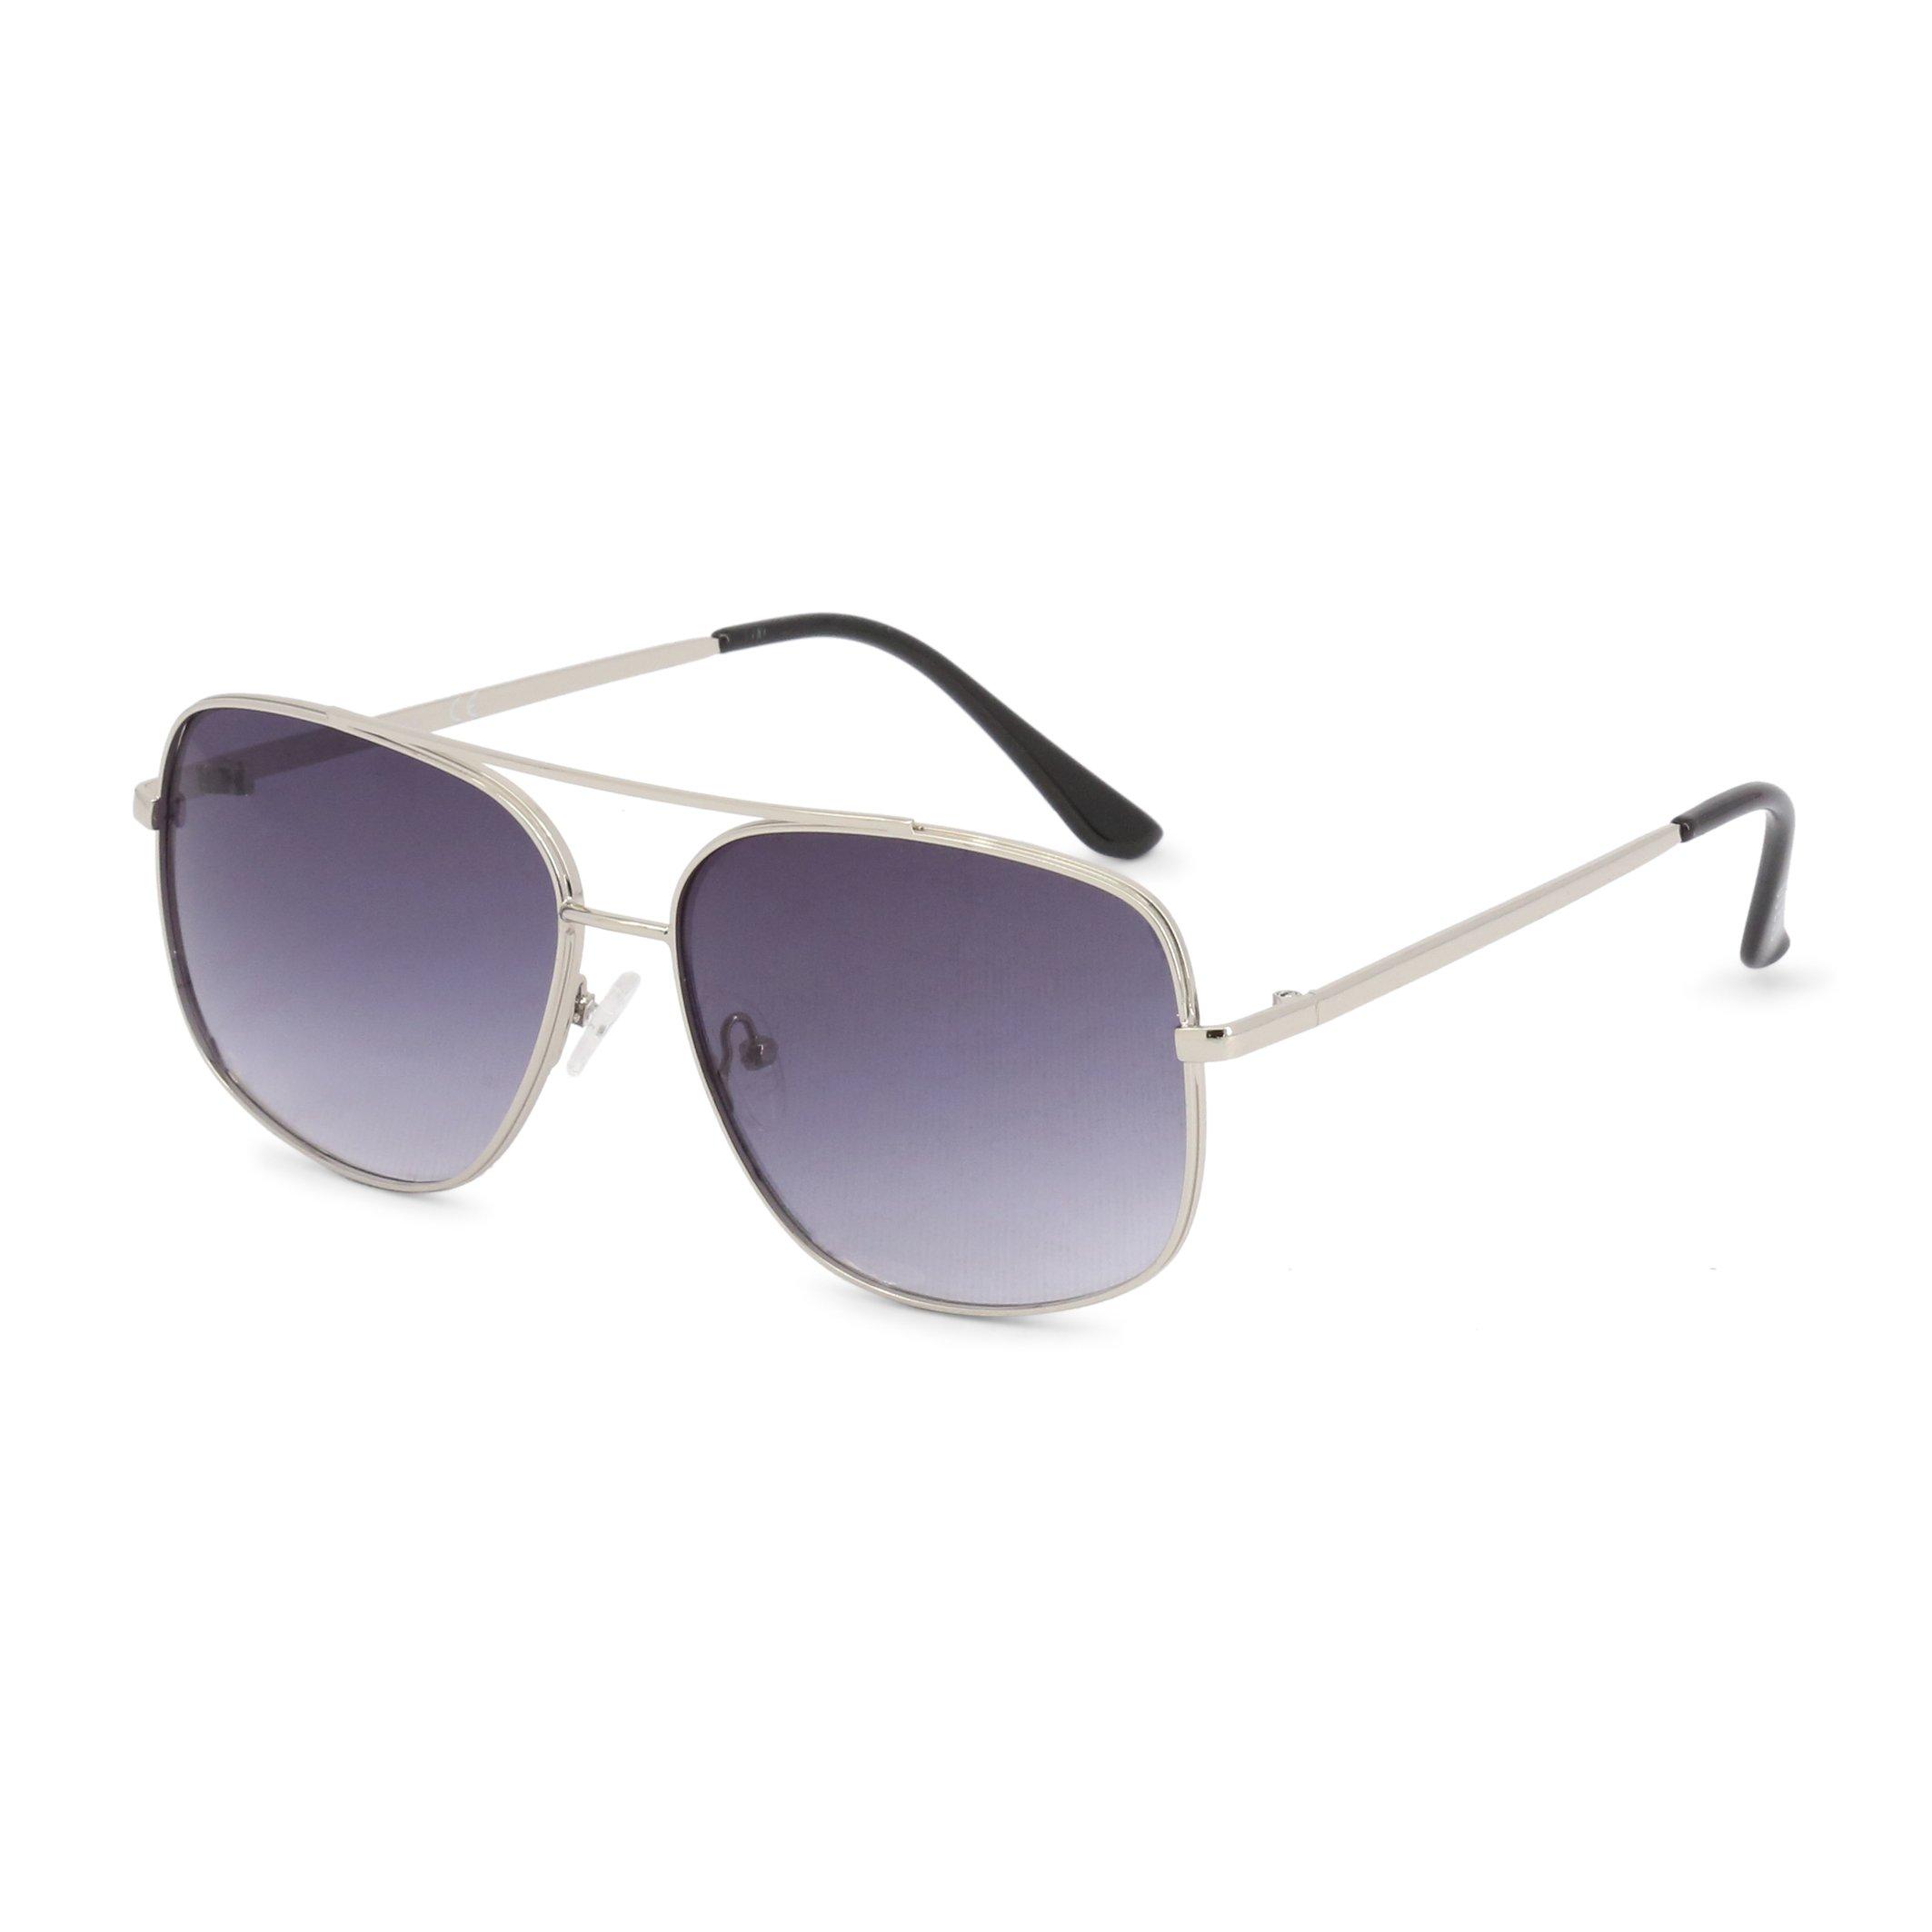 Guess Men's Sunglasses Various Colours GF0207 - grey-1 NOSIZE